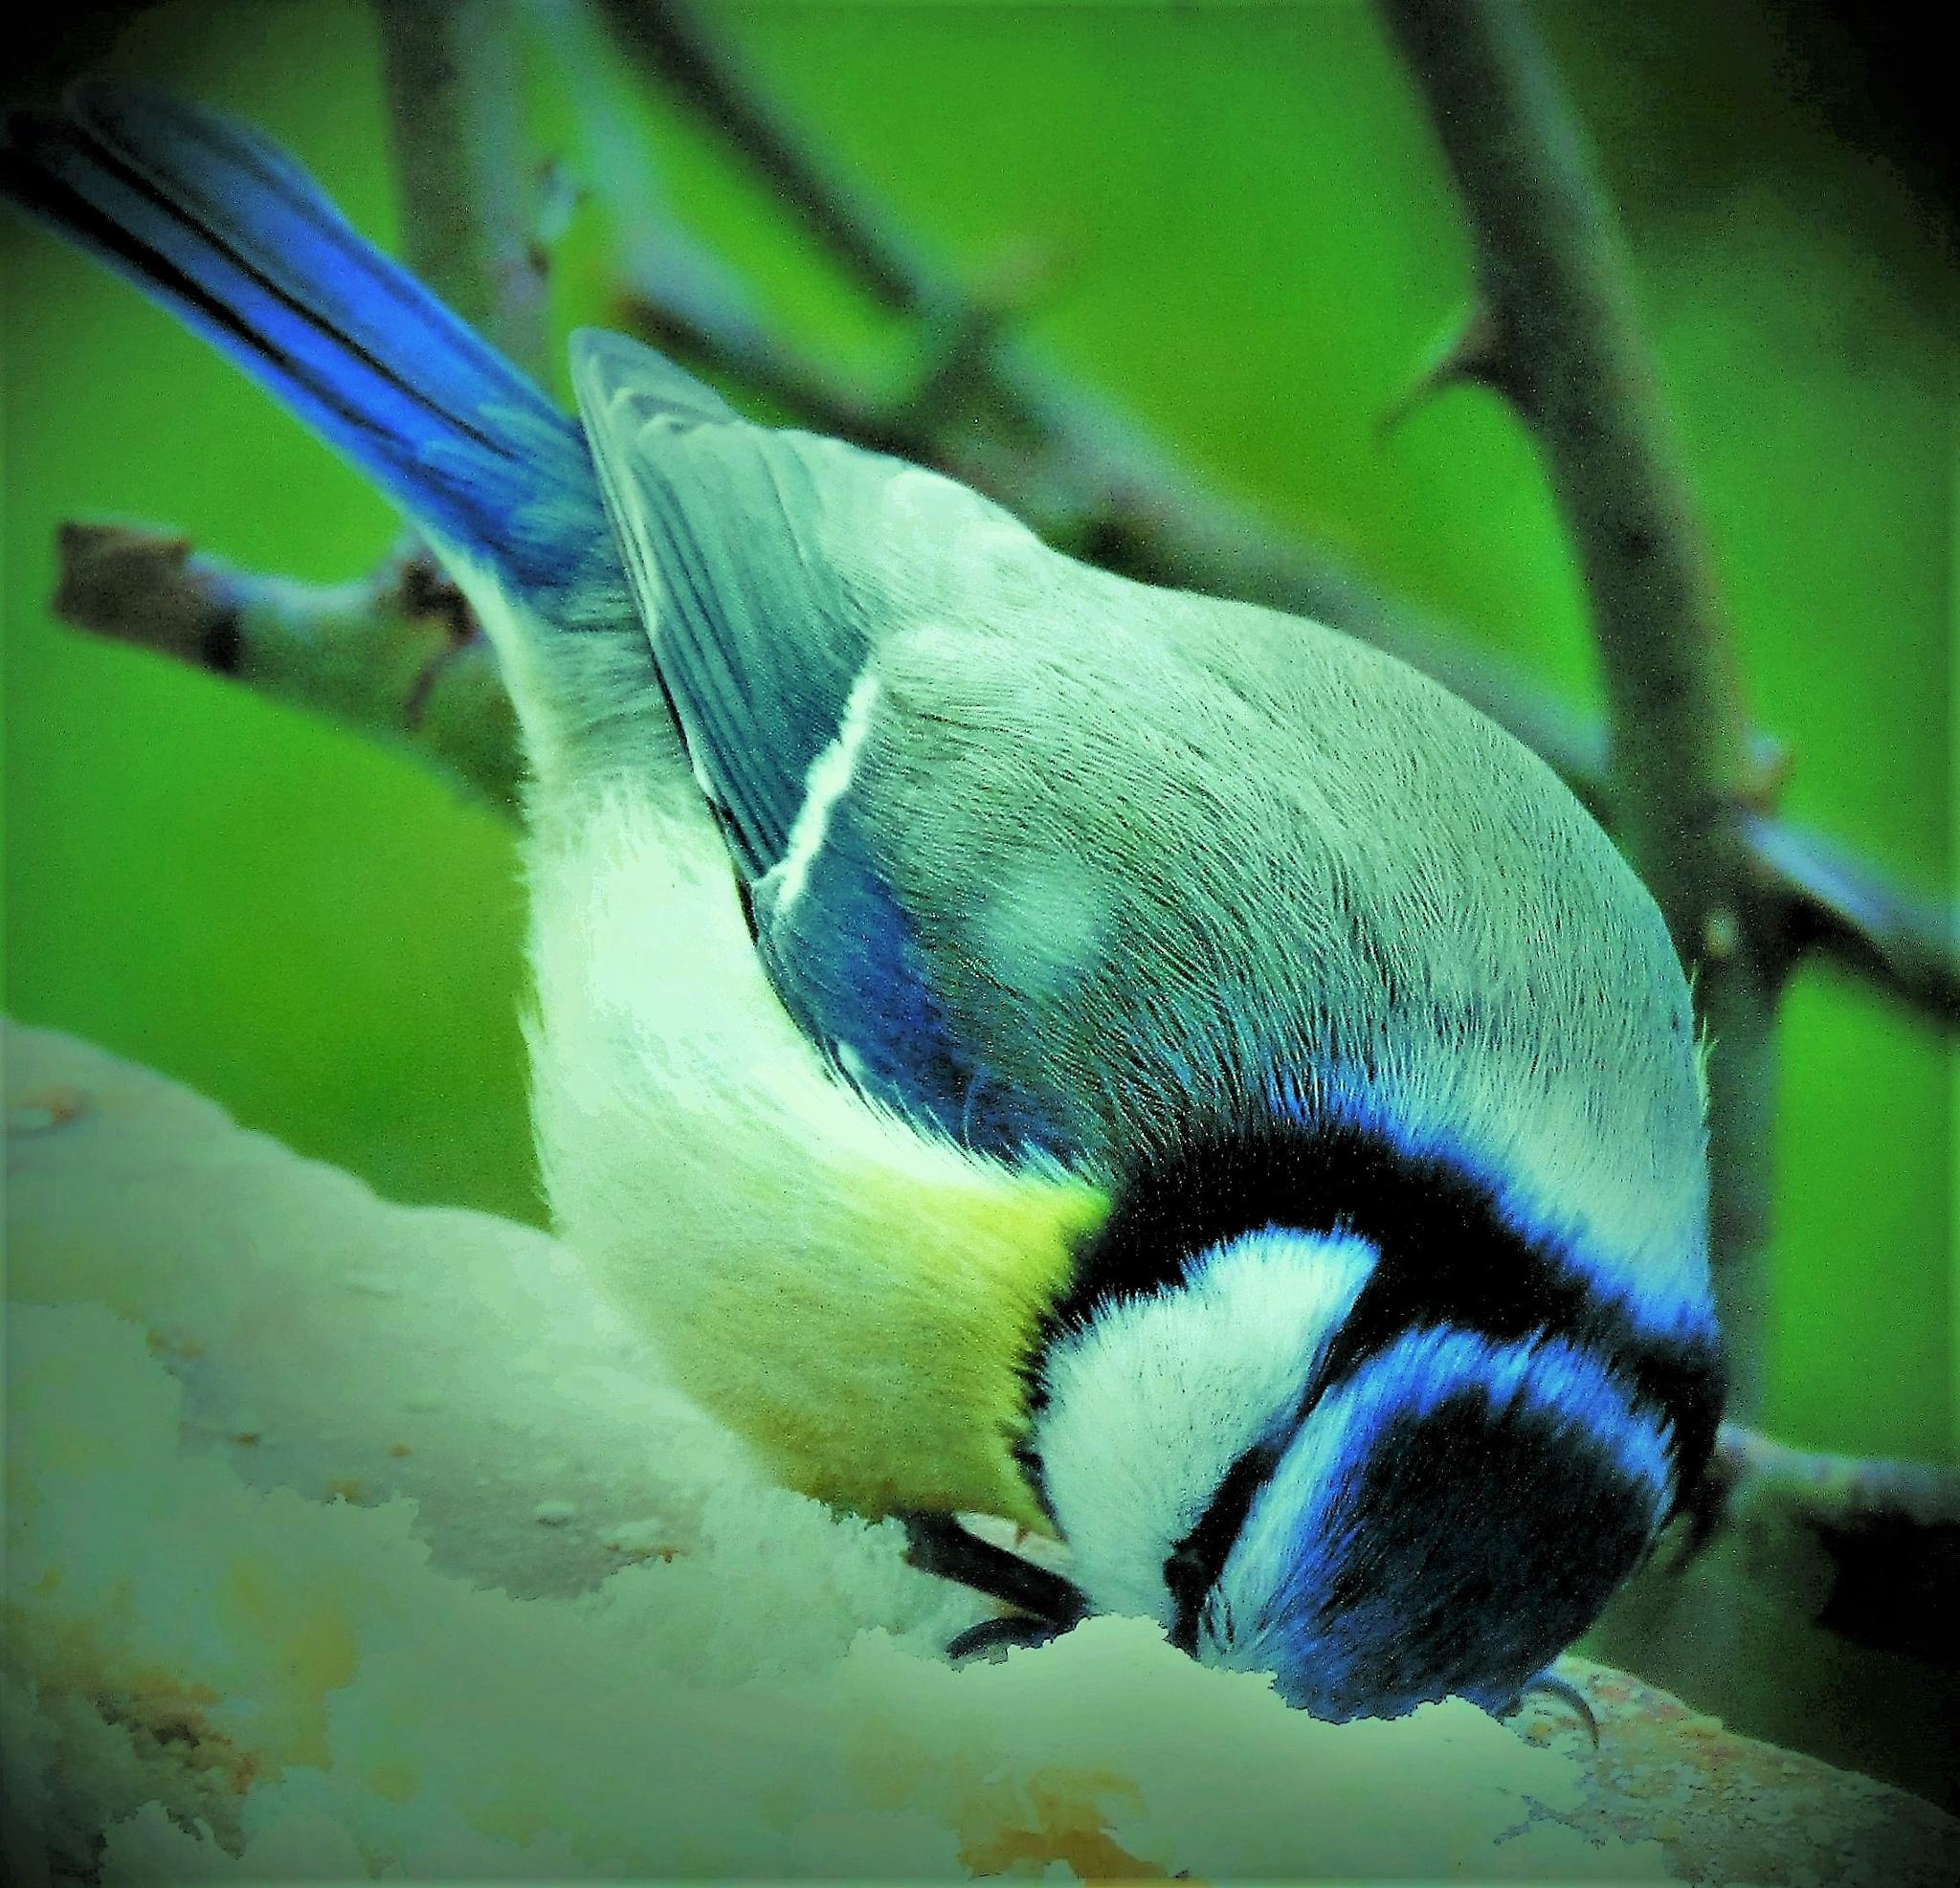 Mésange bleue by vigilicatherine